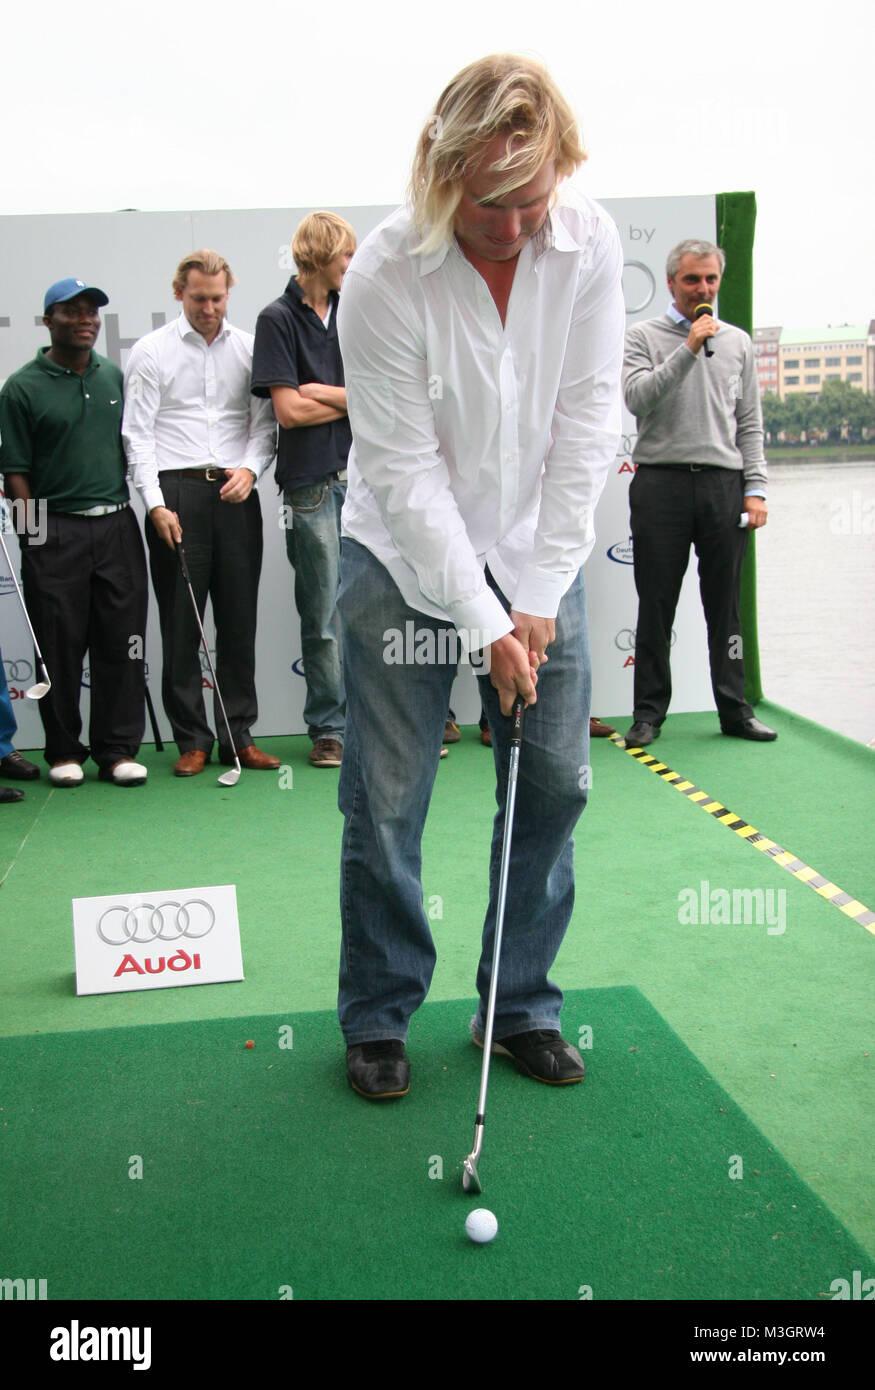 Beat the Pro : Hamburger im Golffieber - Amateure spielten gegen Profis , mit Scheckübergabe an Uwe Seeler - Stock Image